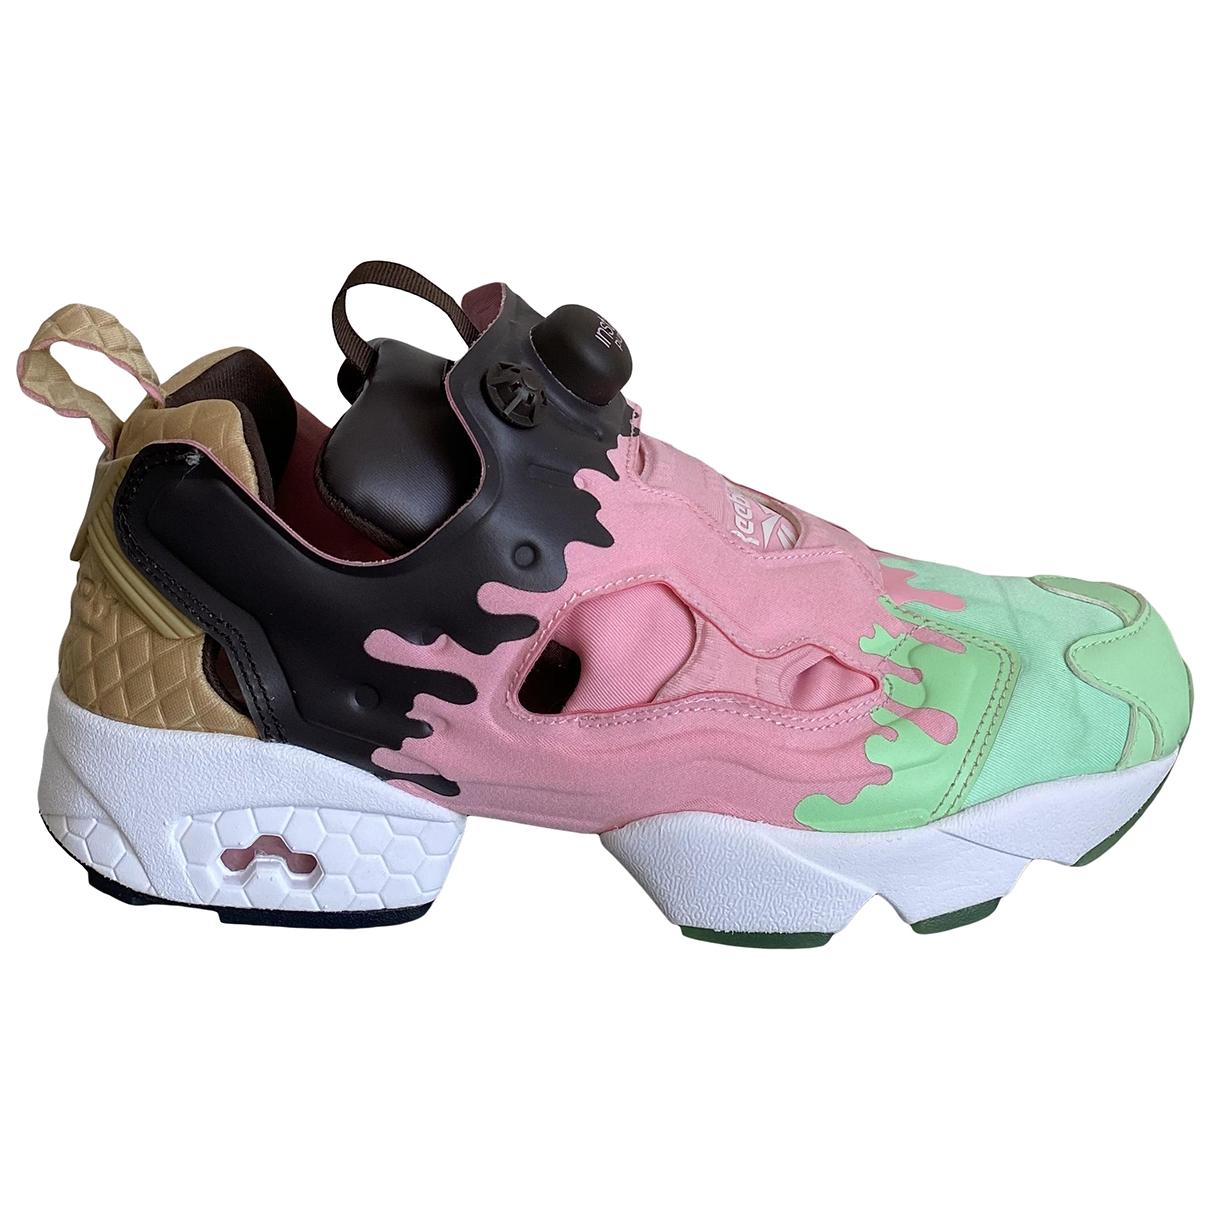 Reebok - Baskets   pour femme - multicolore